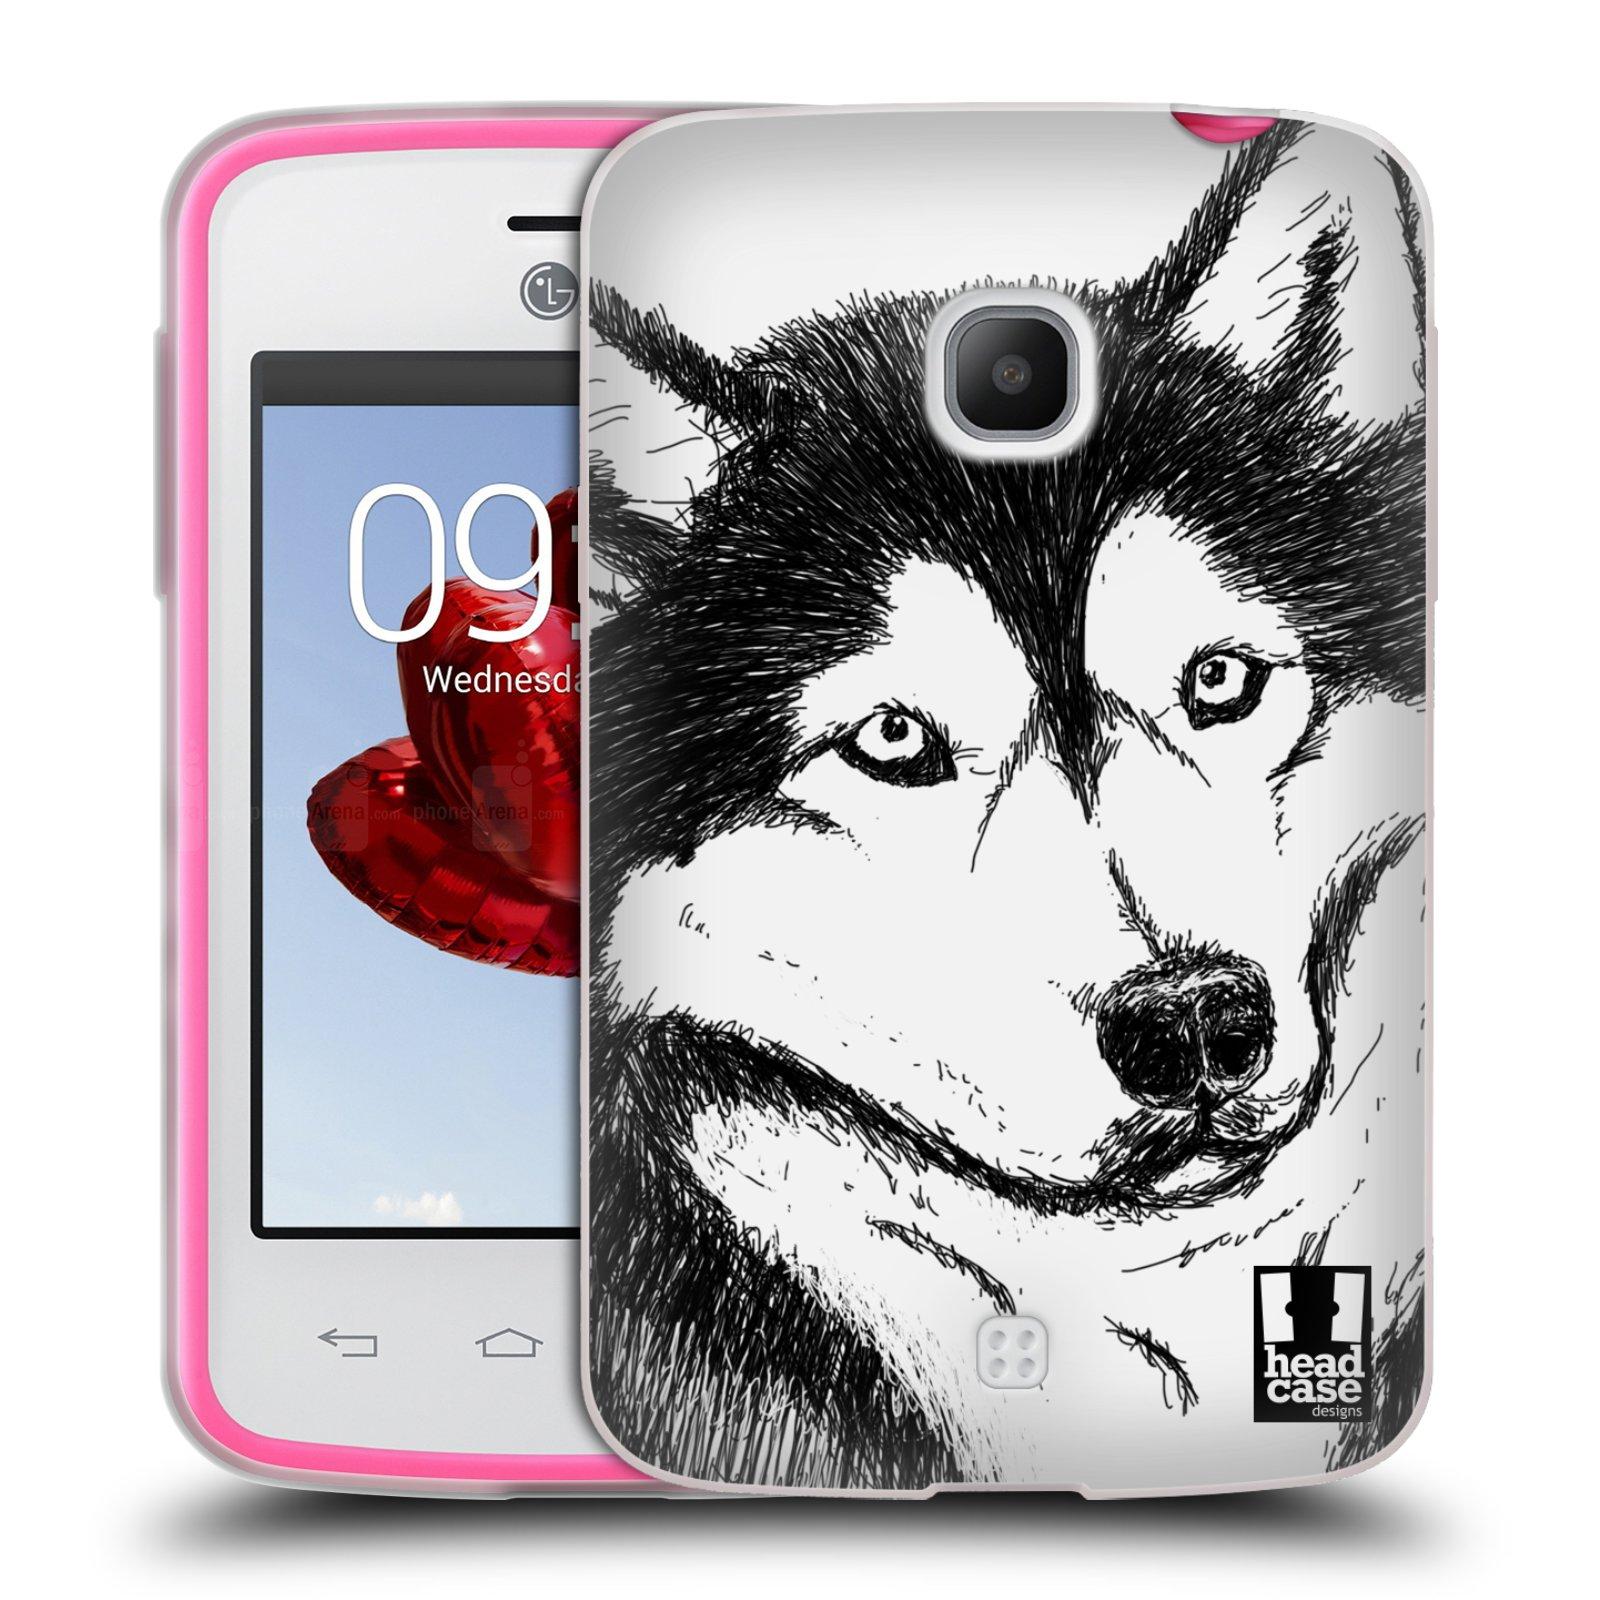 HEAD CASE silikonový obal na mobil LG L30 vzor Kreslená zvířátka černá a bílá pes husky